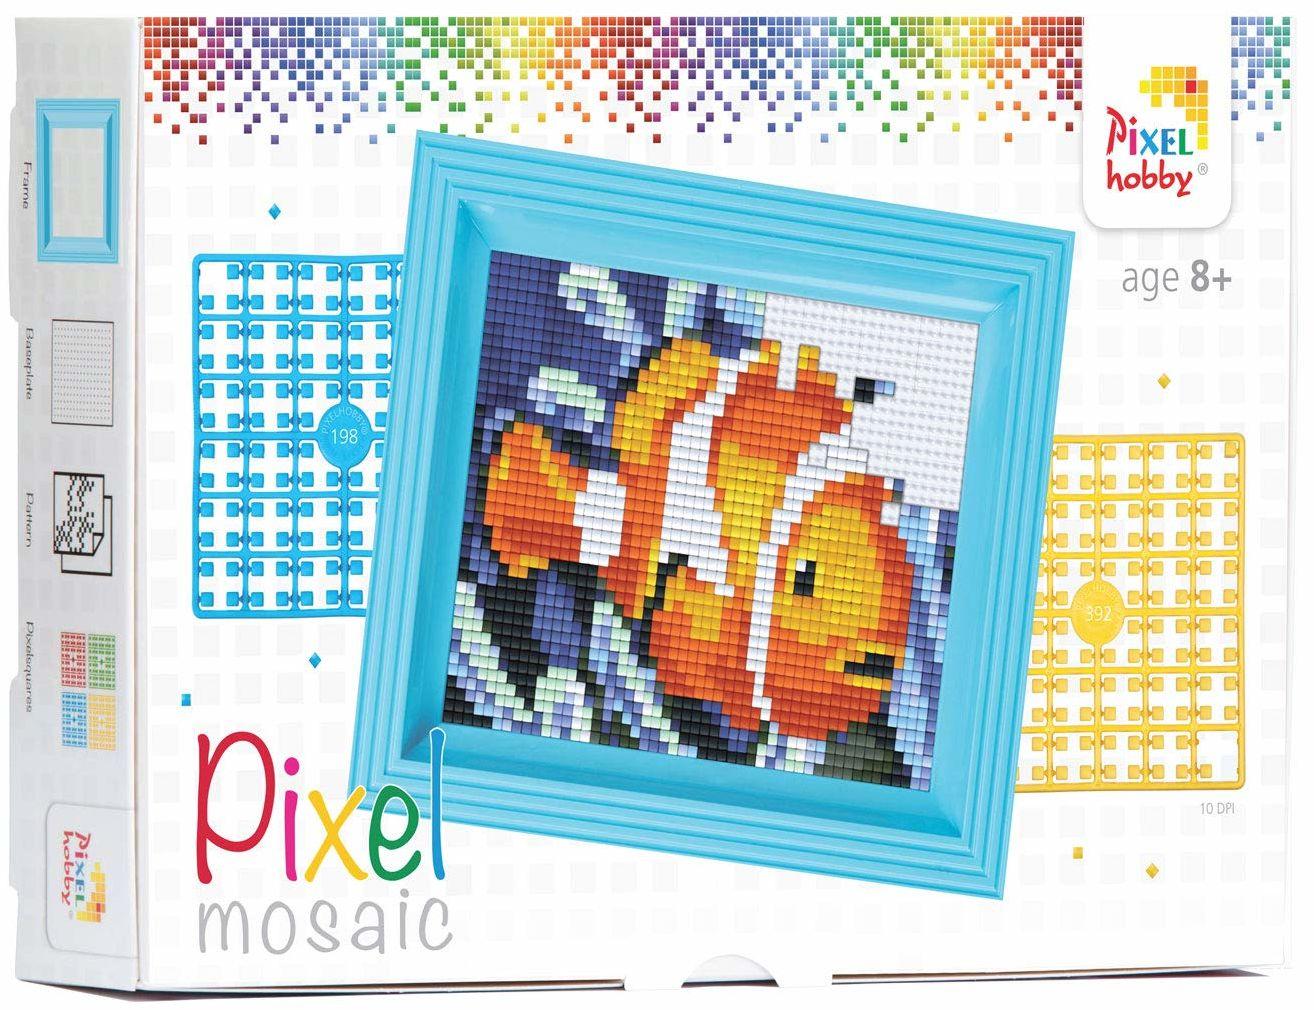 Pracht Creatives Hobby P31157 - pikselowa mozaika opakowanie na prezent Nemo, obraz pikselowy z ramką do tworzenia dla dzieci, chłopców i dziewczynek, jako mały prezent, upominek na urodziny dziecka